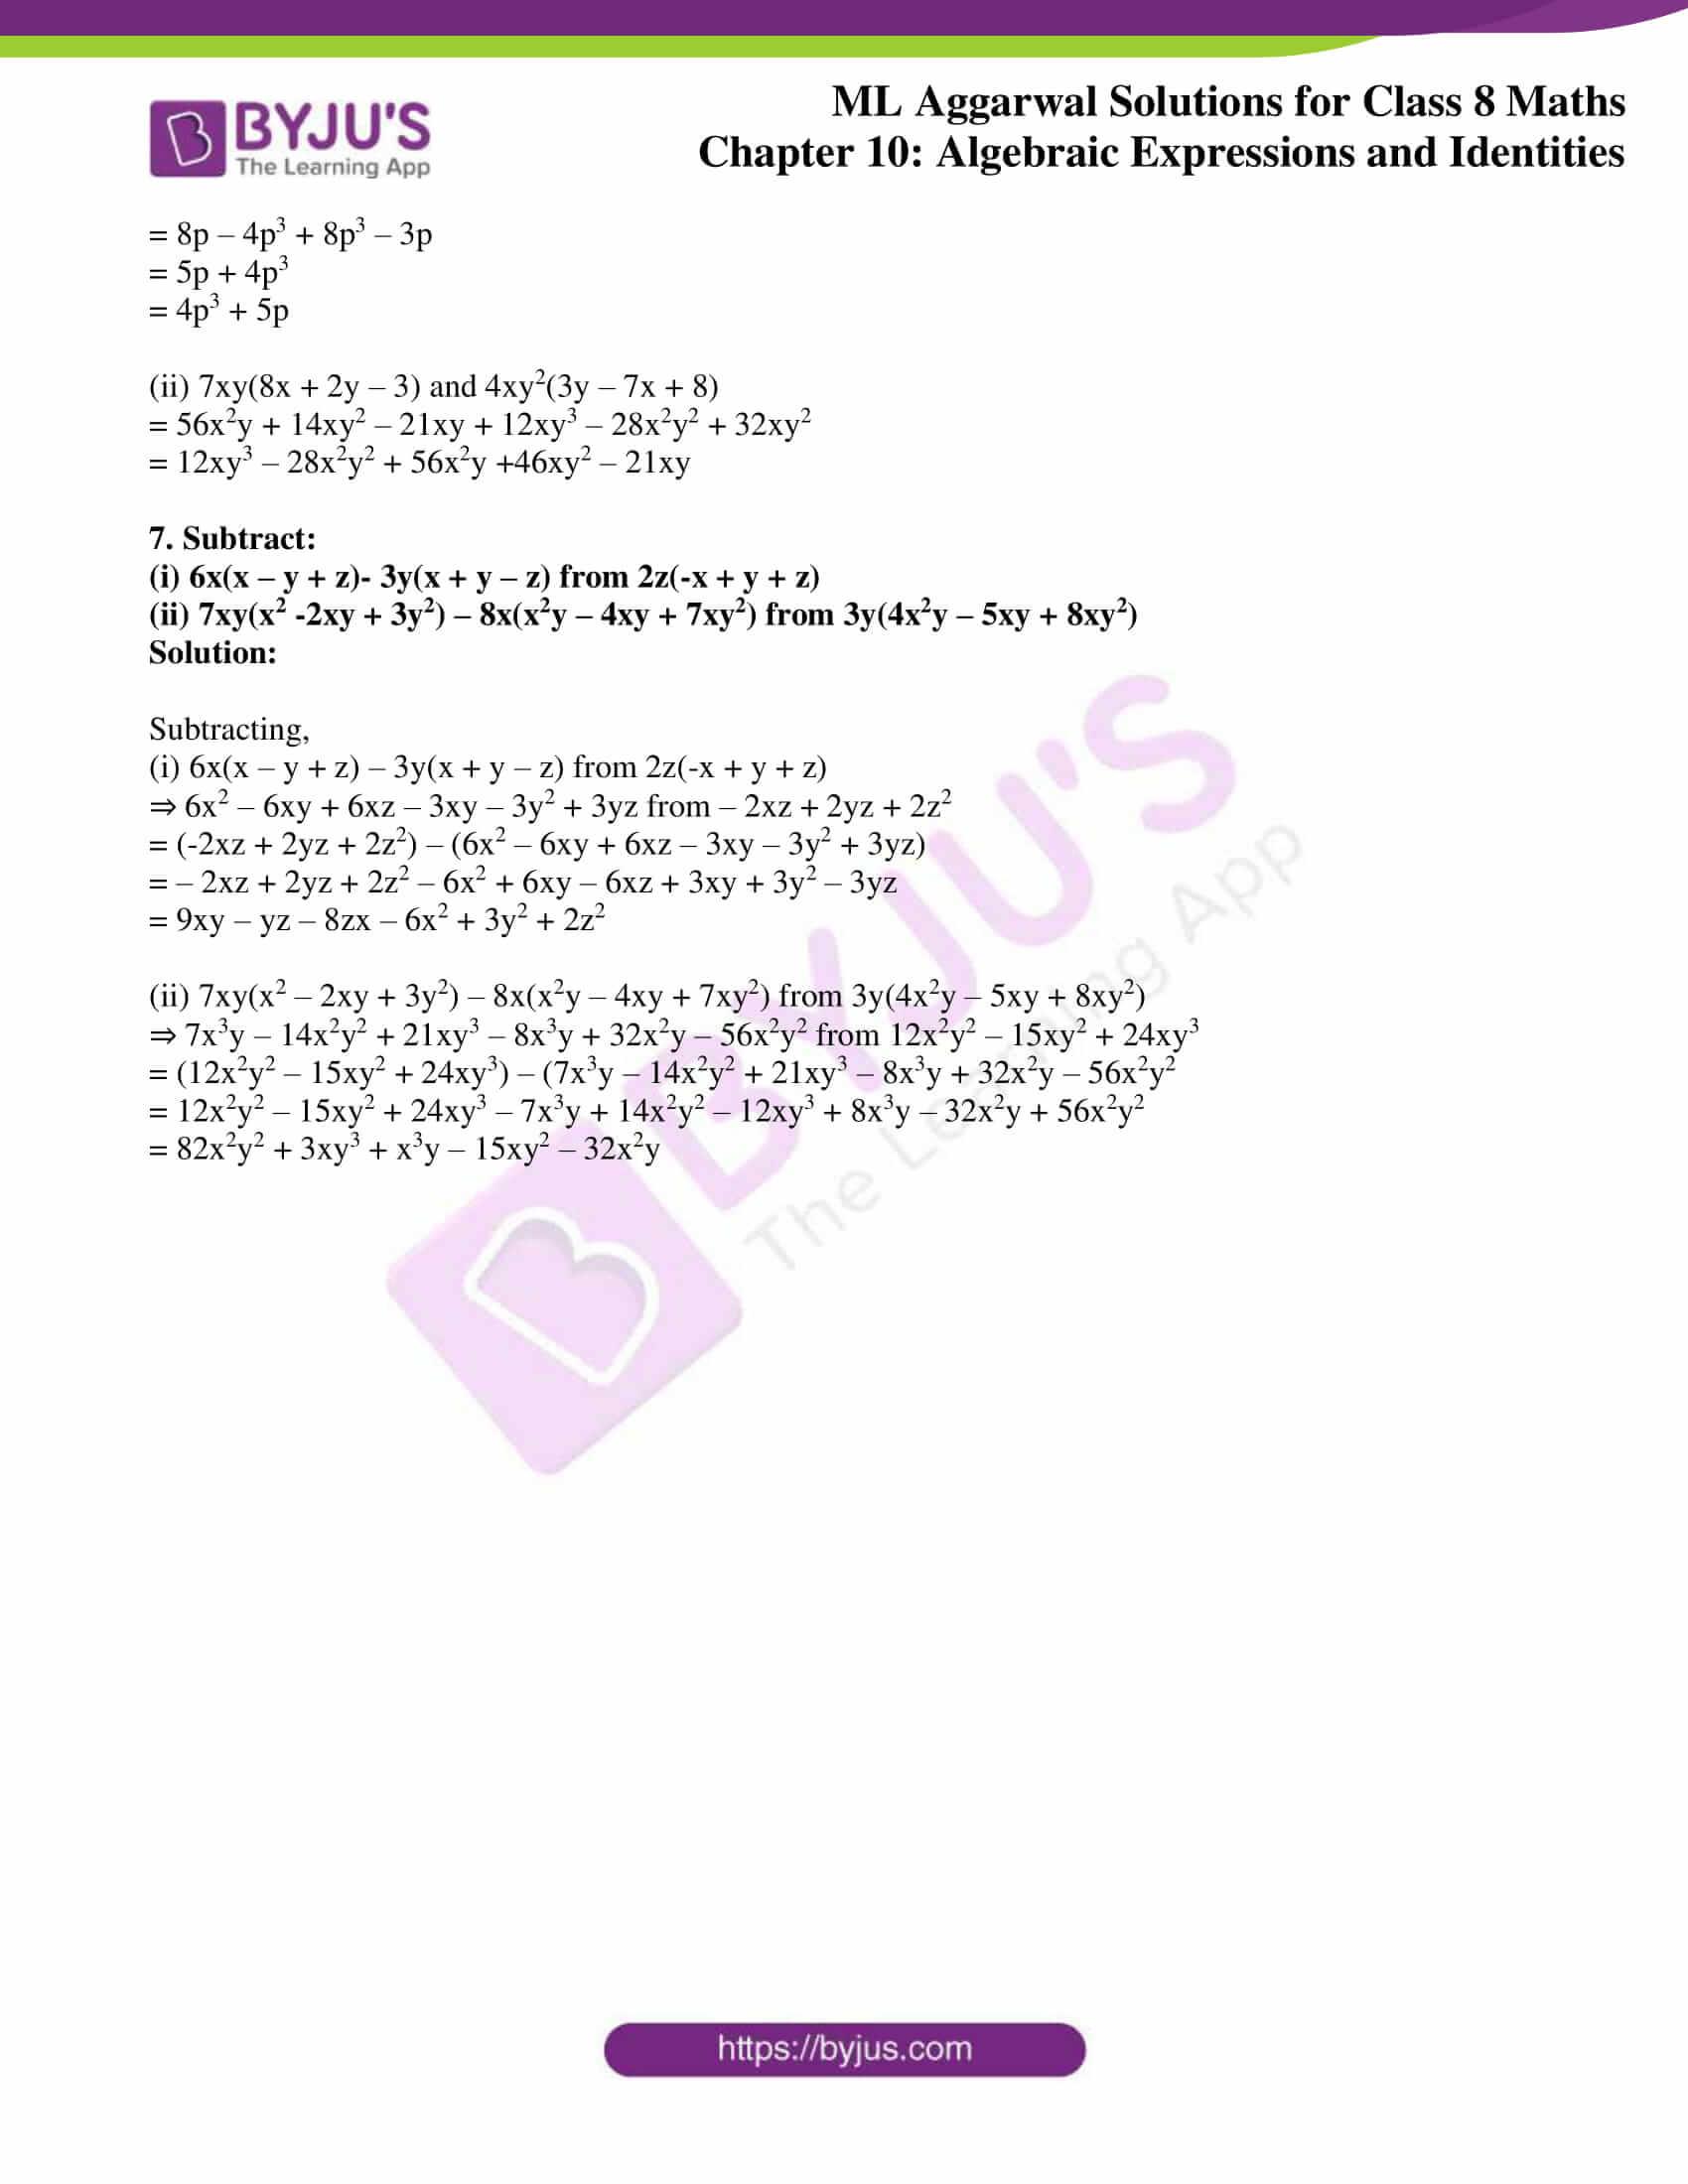 ml aggarwal sol mathematics class 8 ch 10 08